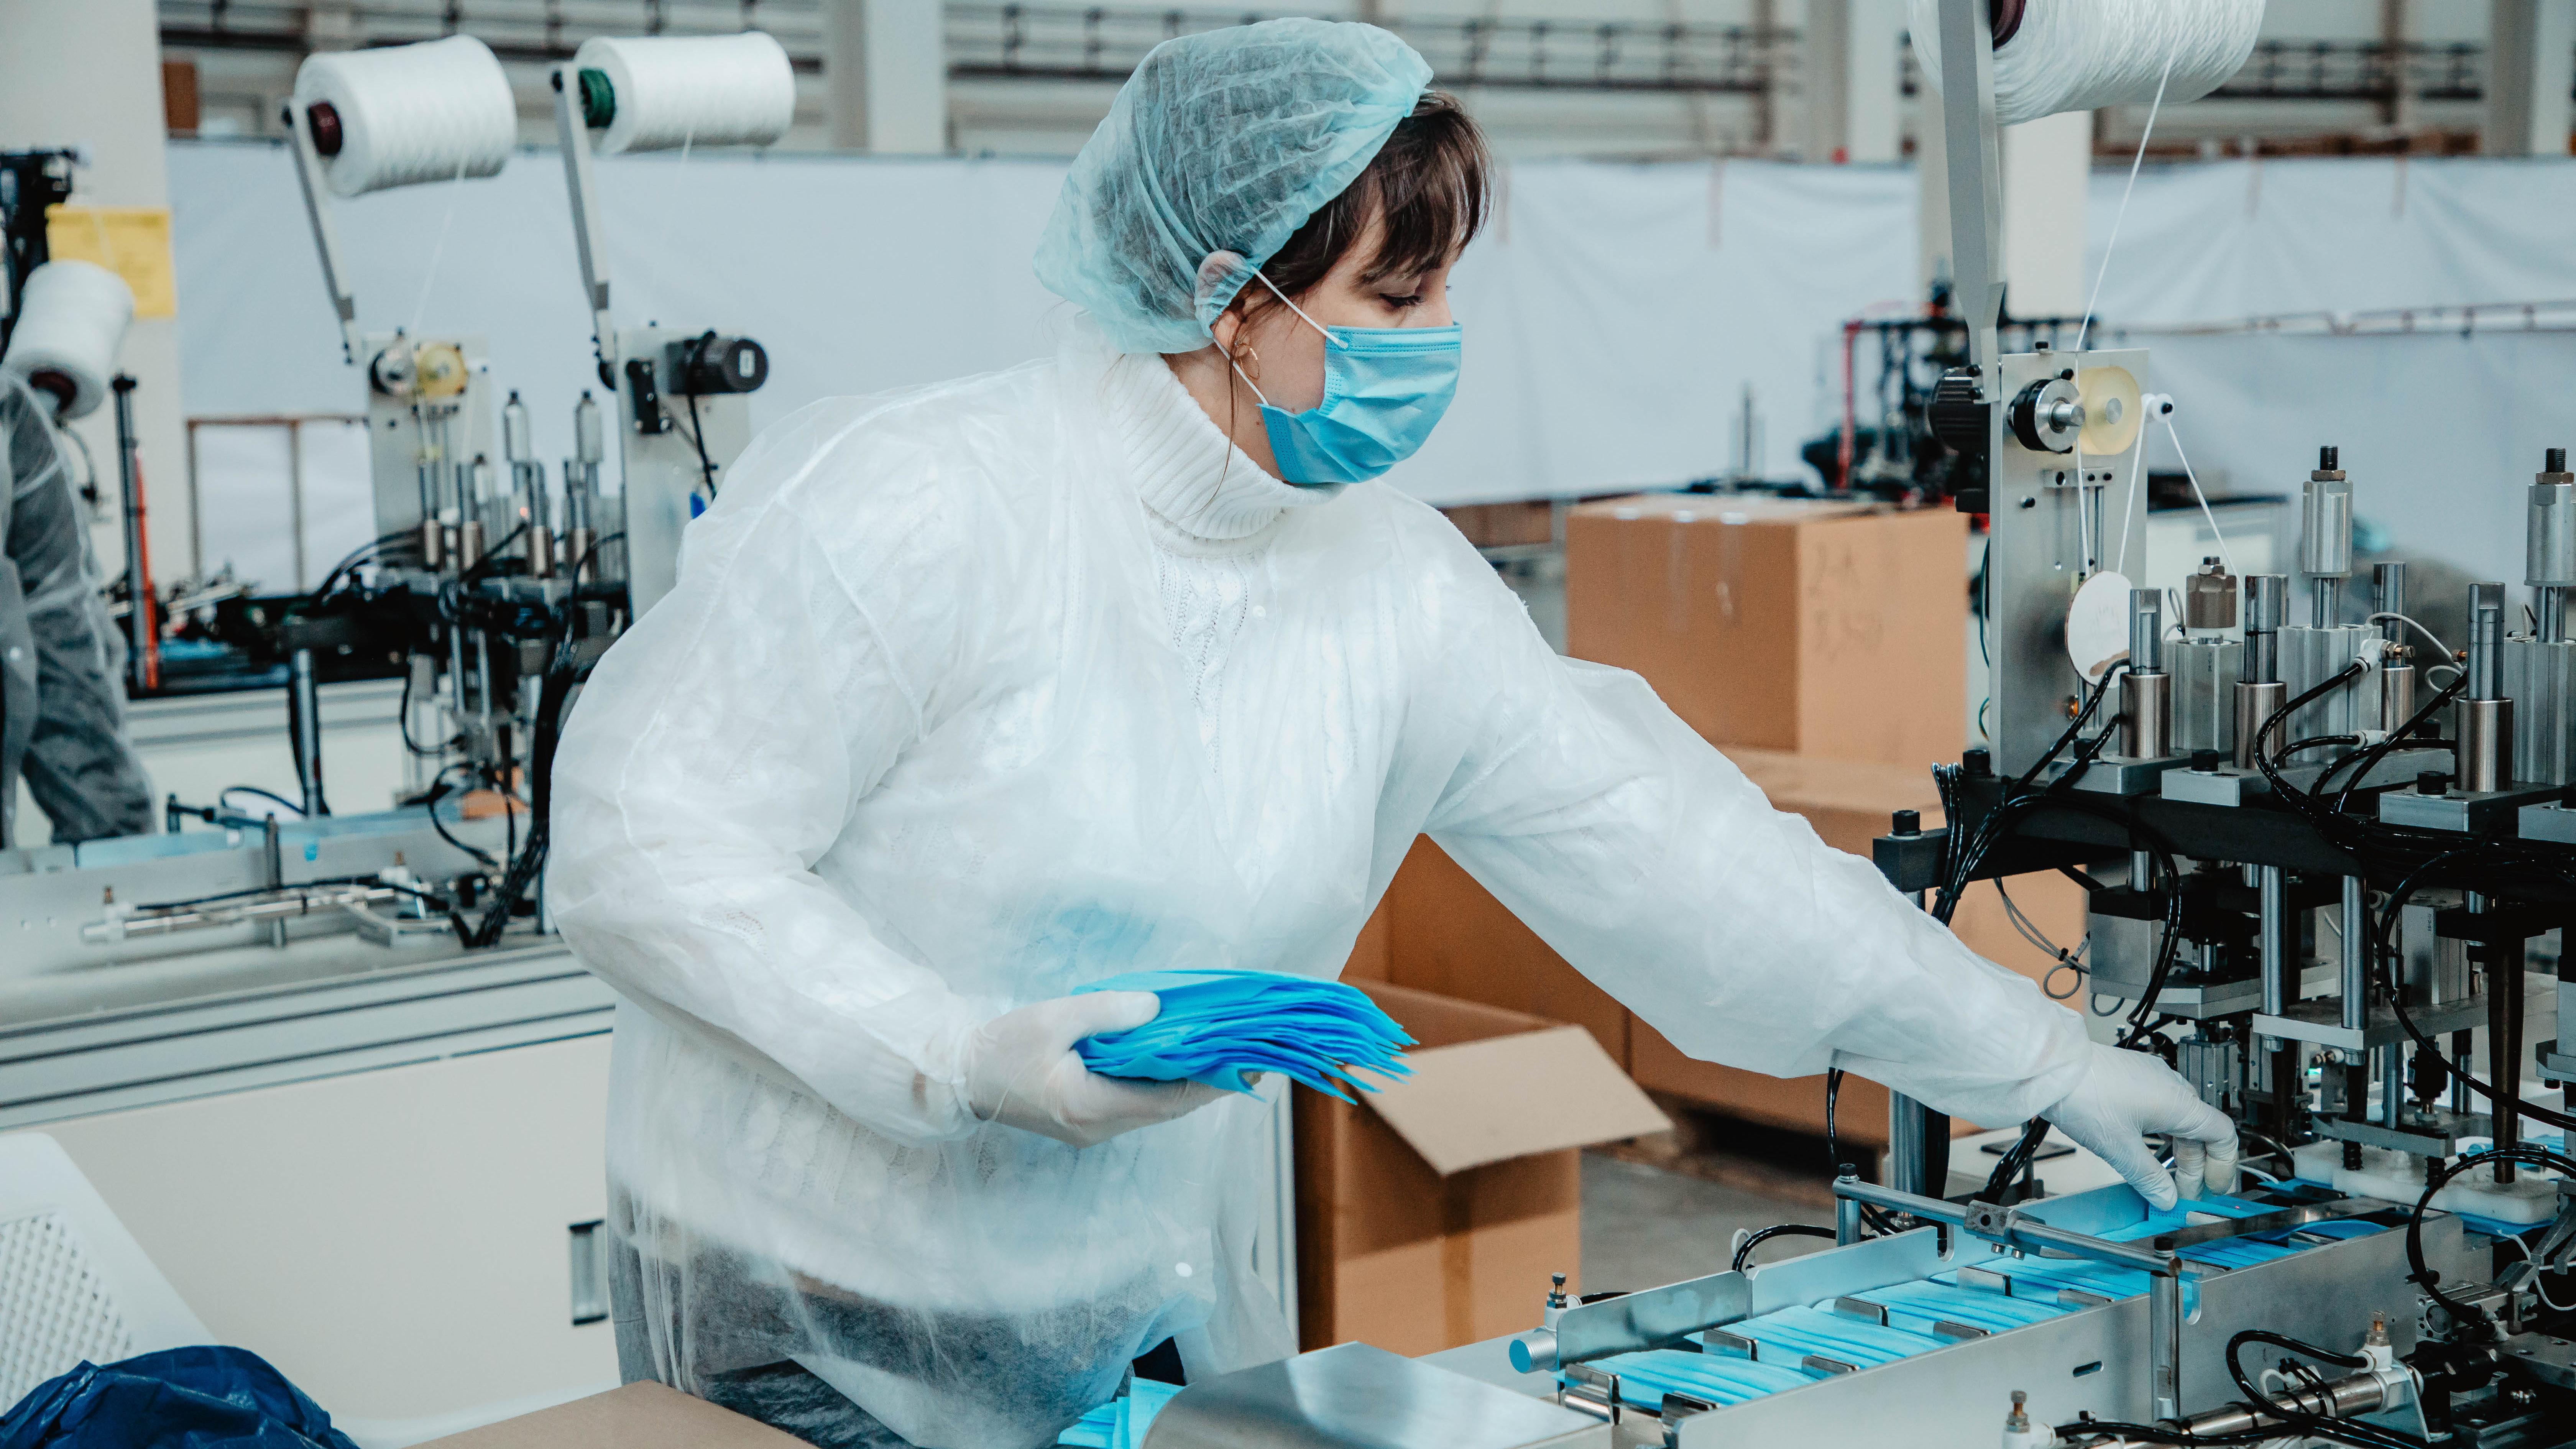 Почти 2,5 млн медицинских масок выпускают в Московской области ежедневно